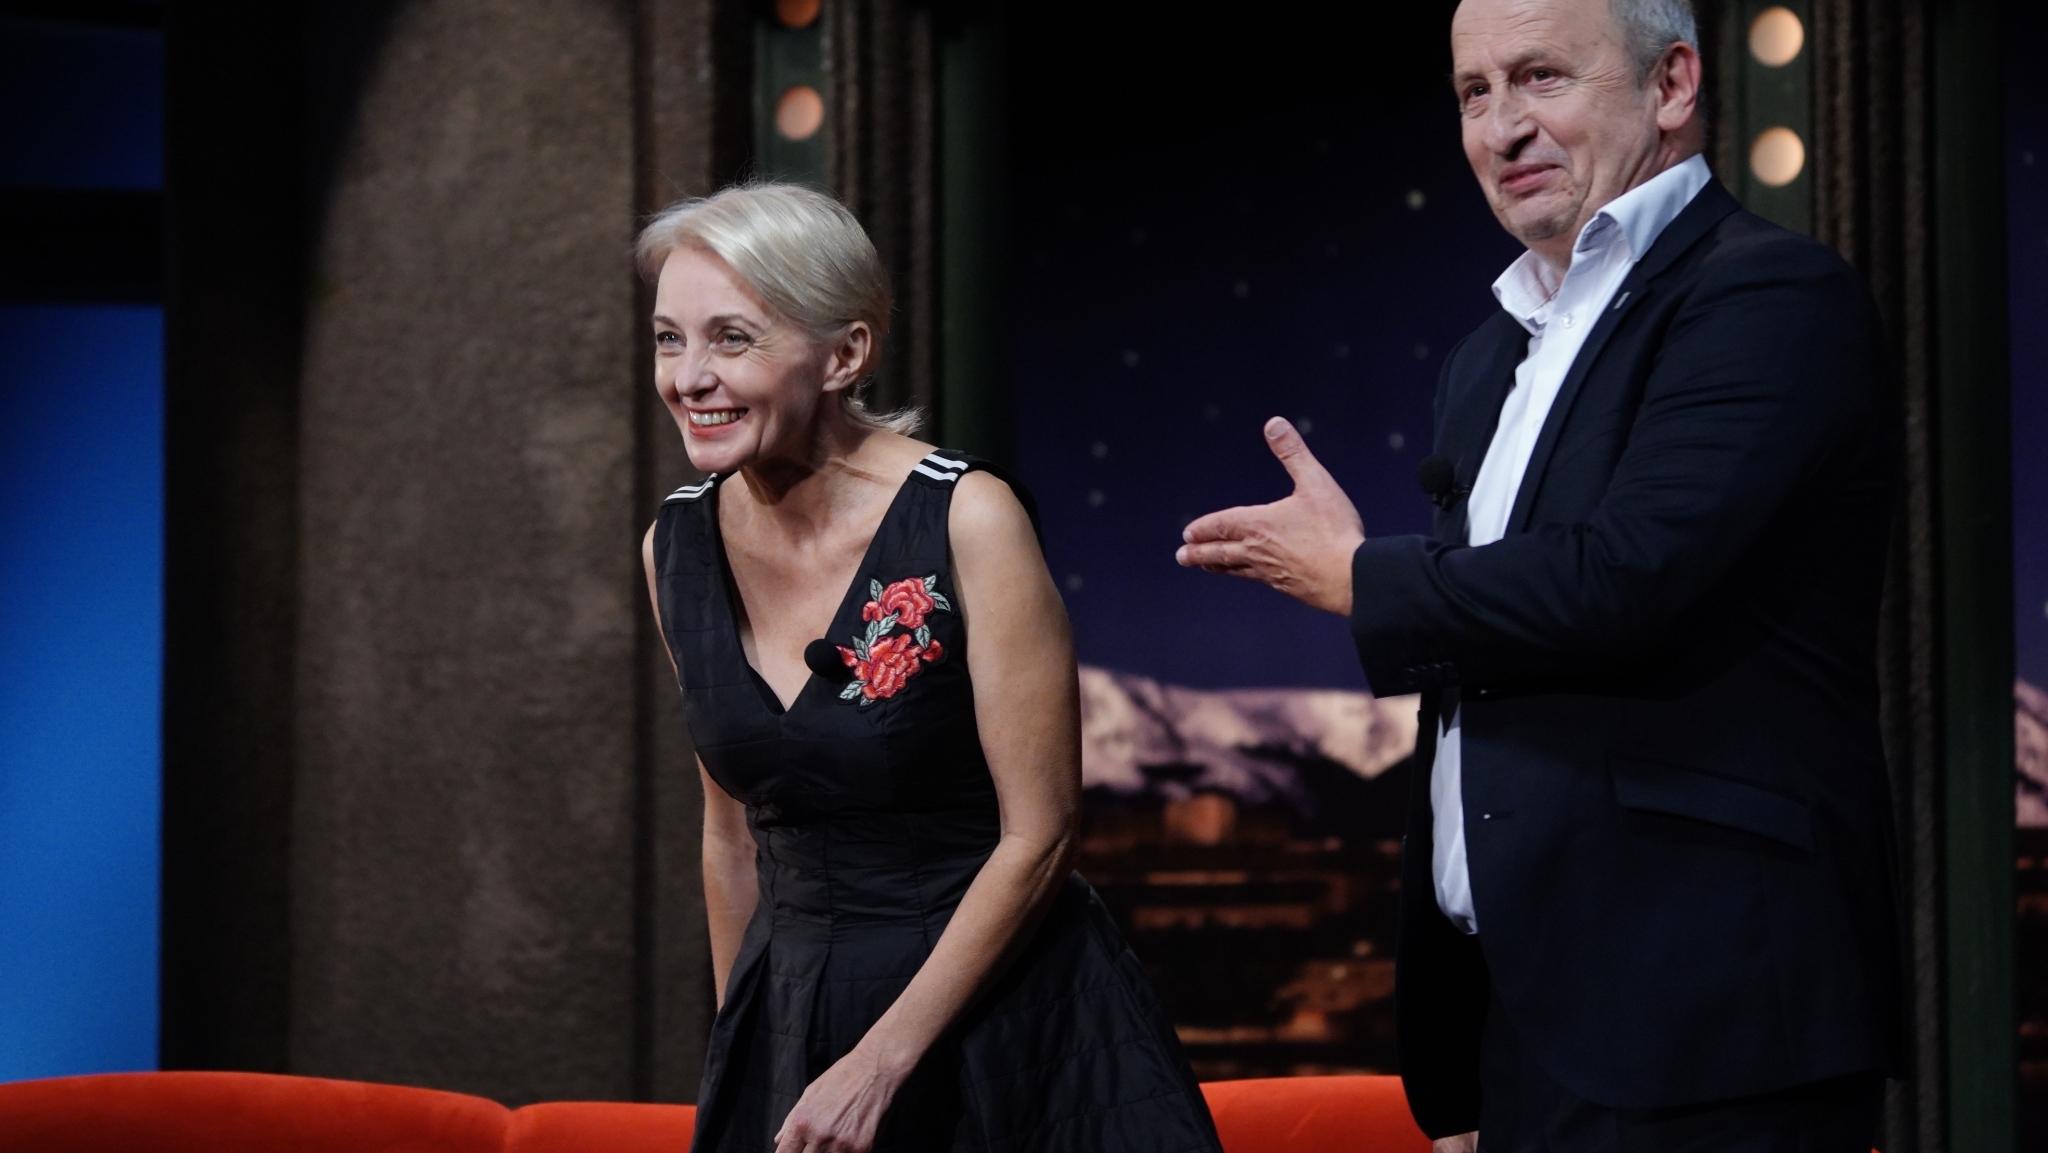 Herečka Veronika Žilková, svého času rodinný příslušník doprovázející státního úředníka dlouhodobě vyslaného do zahraničí, s moderátorem Janem Krausem v SJK 14. 10. 2020